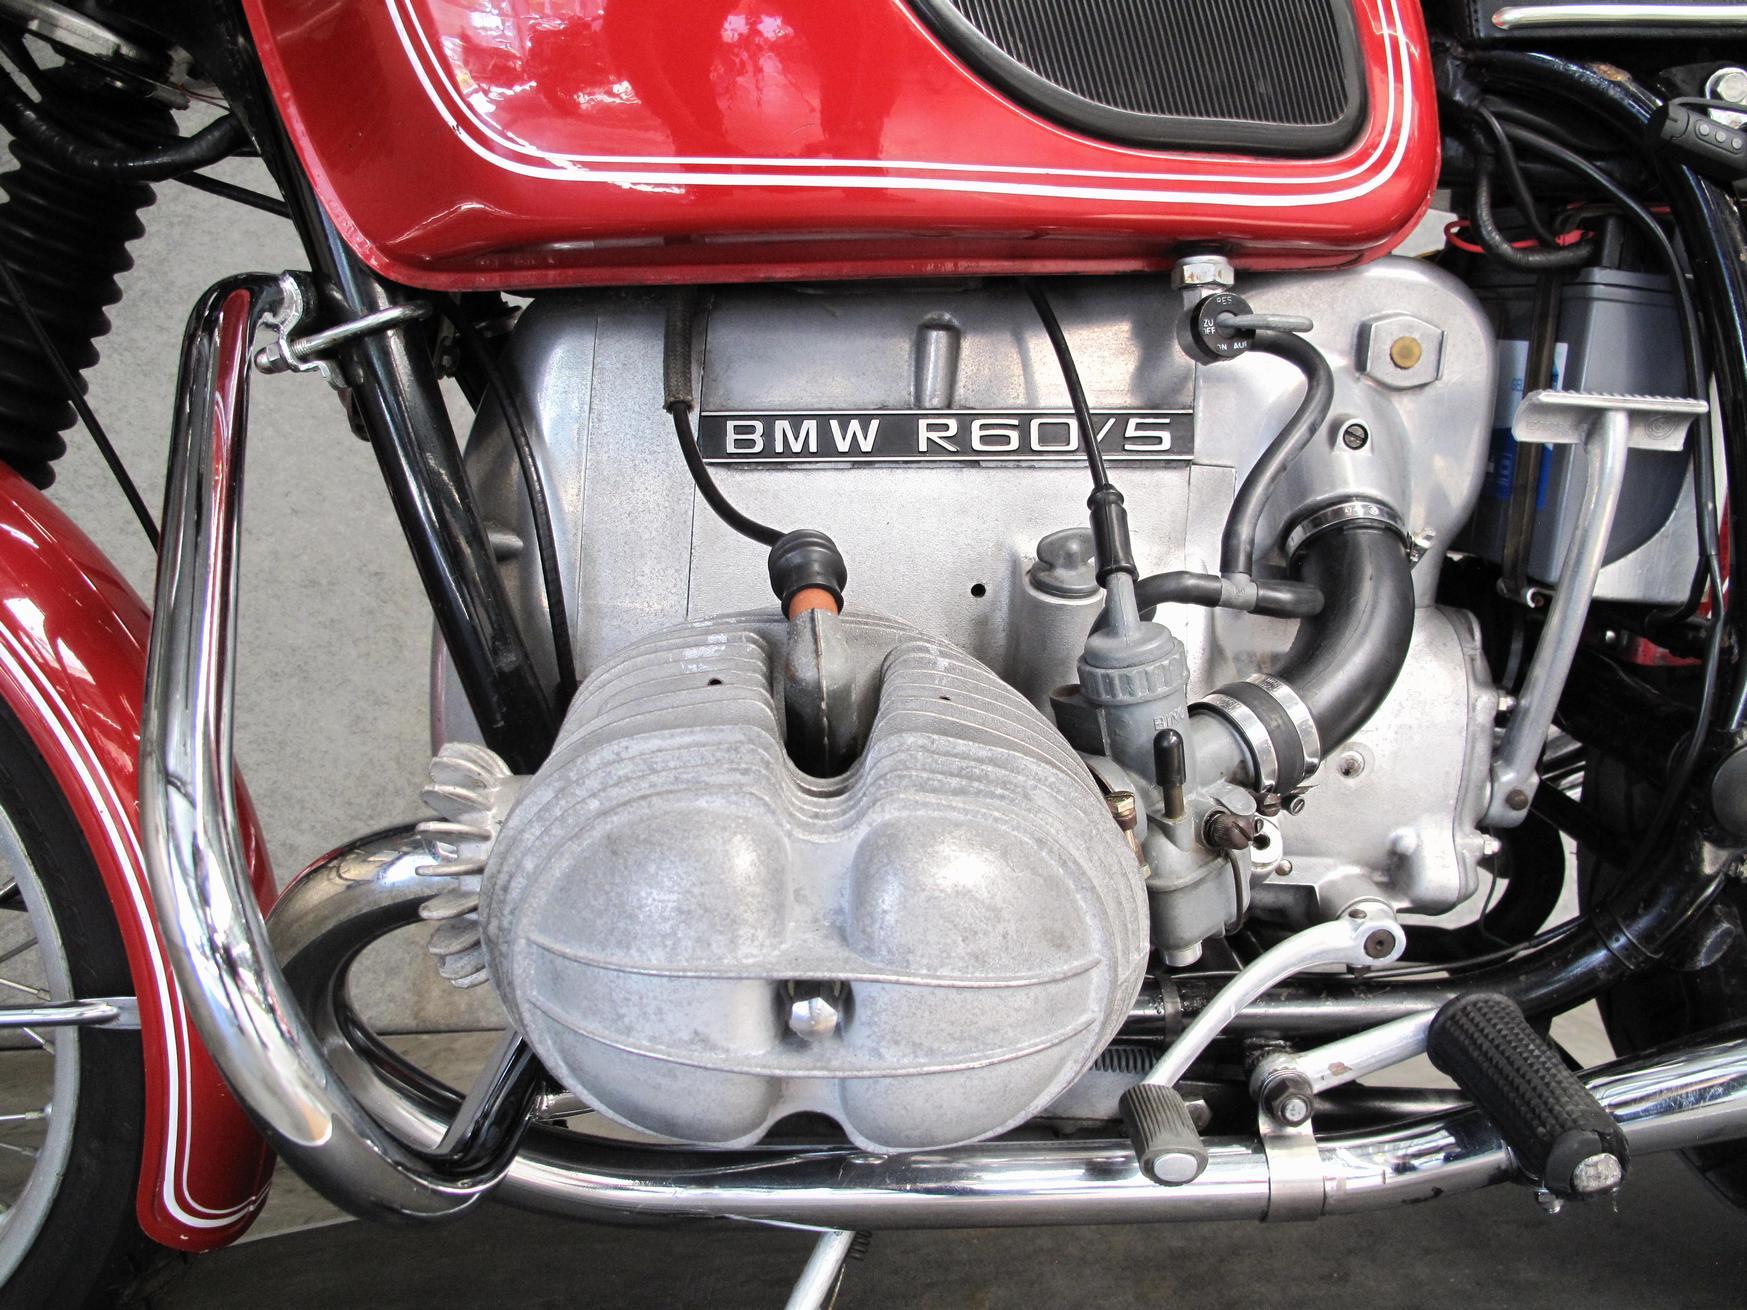 BMW - R60/5